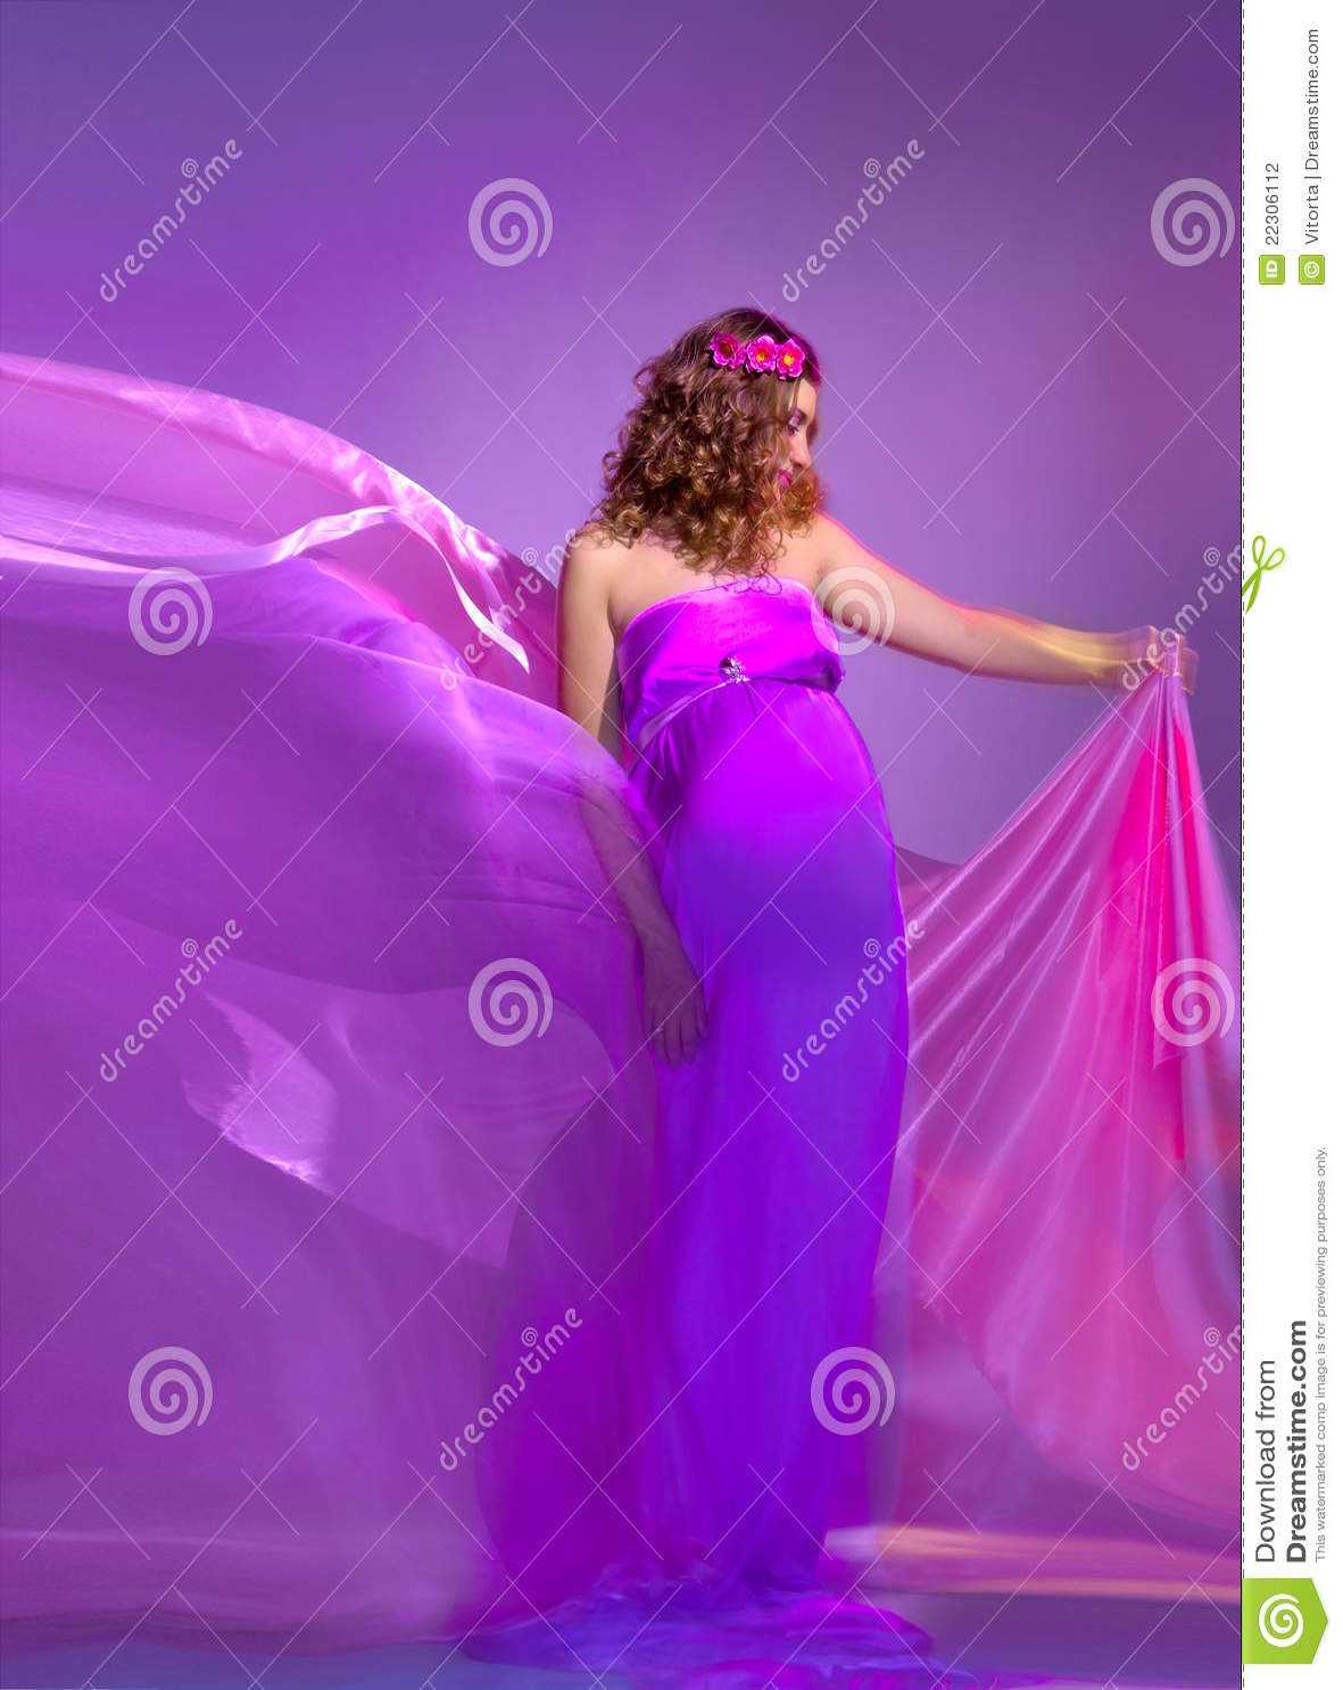 mulher-gravida-bonita-no-vestido-da-cor-de-rosa-e-da-violeta-22306112.jpg